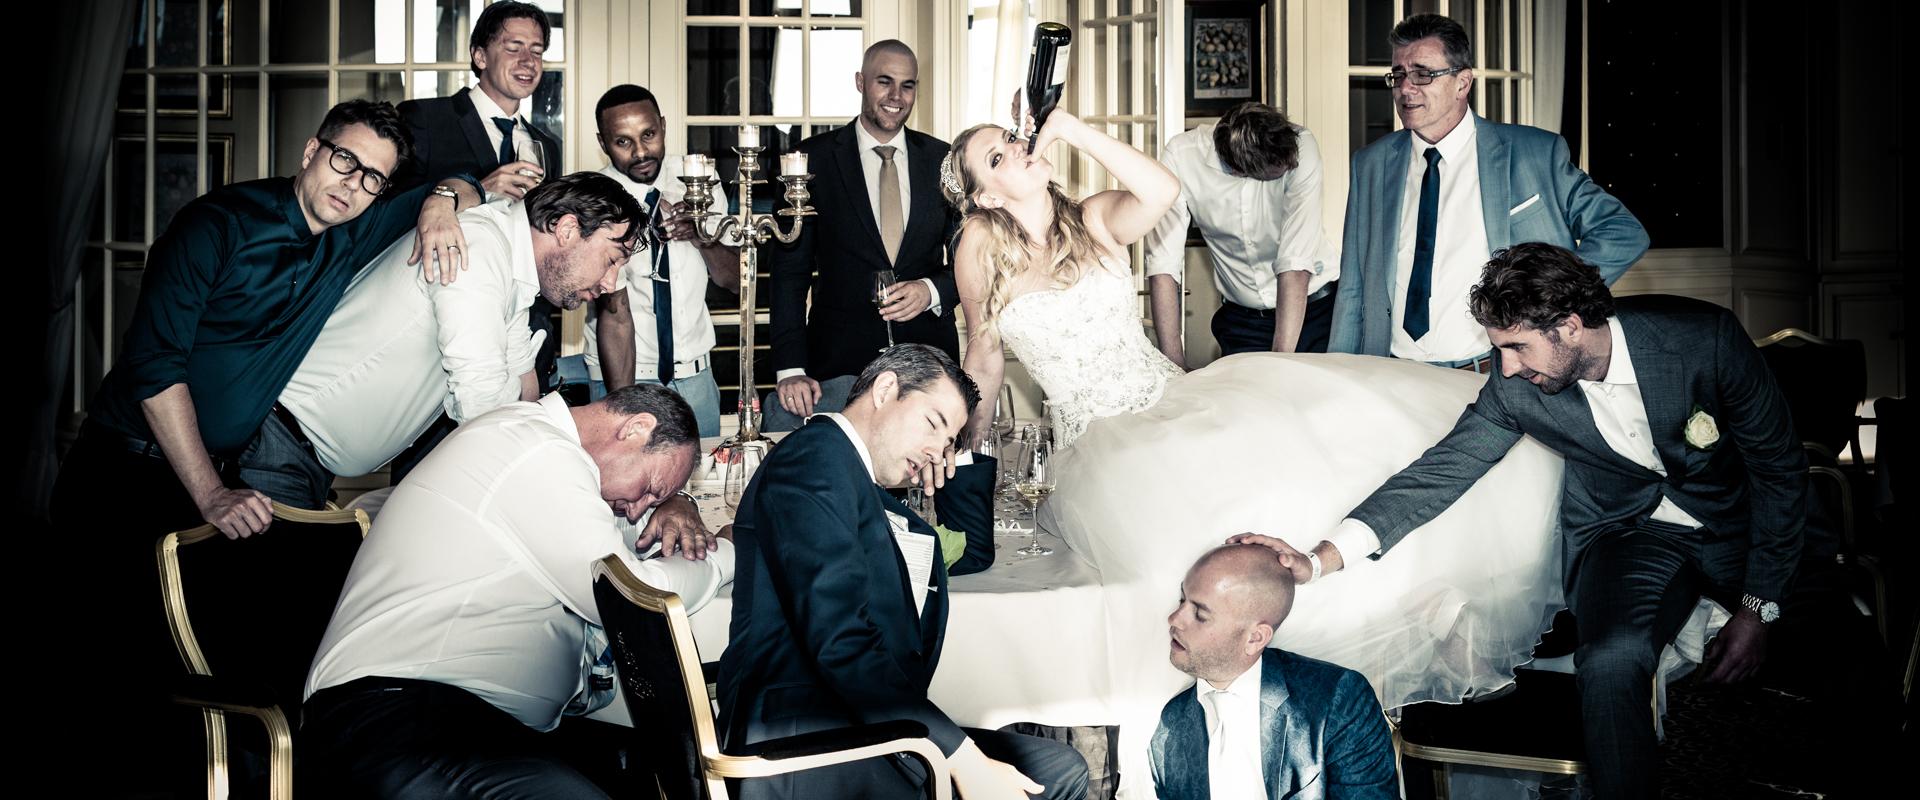 fotoshoot huwelijk bruid op tafel